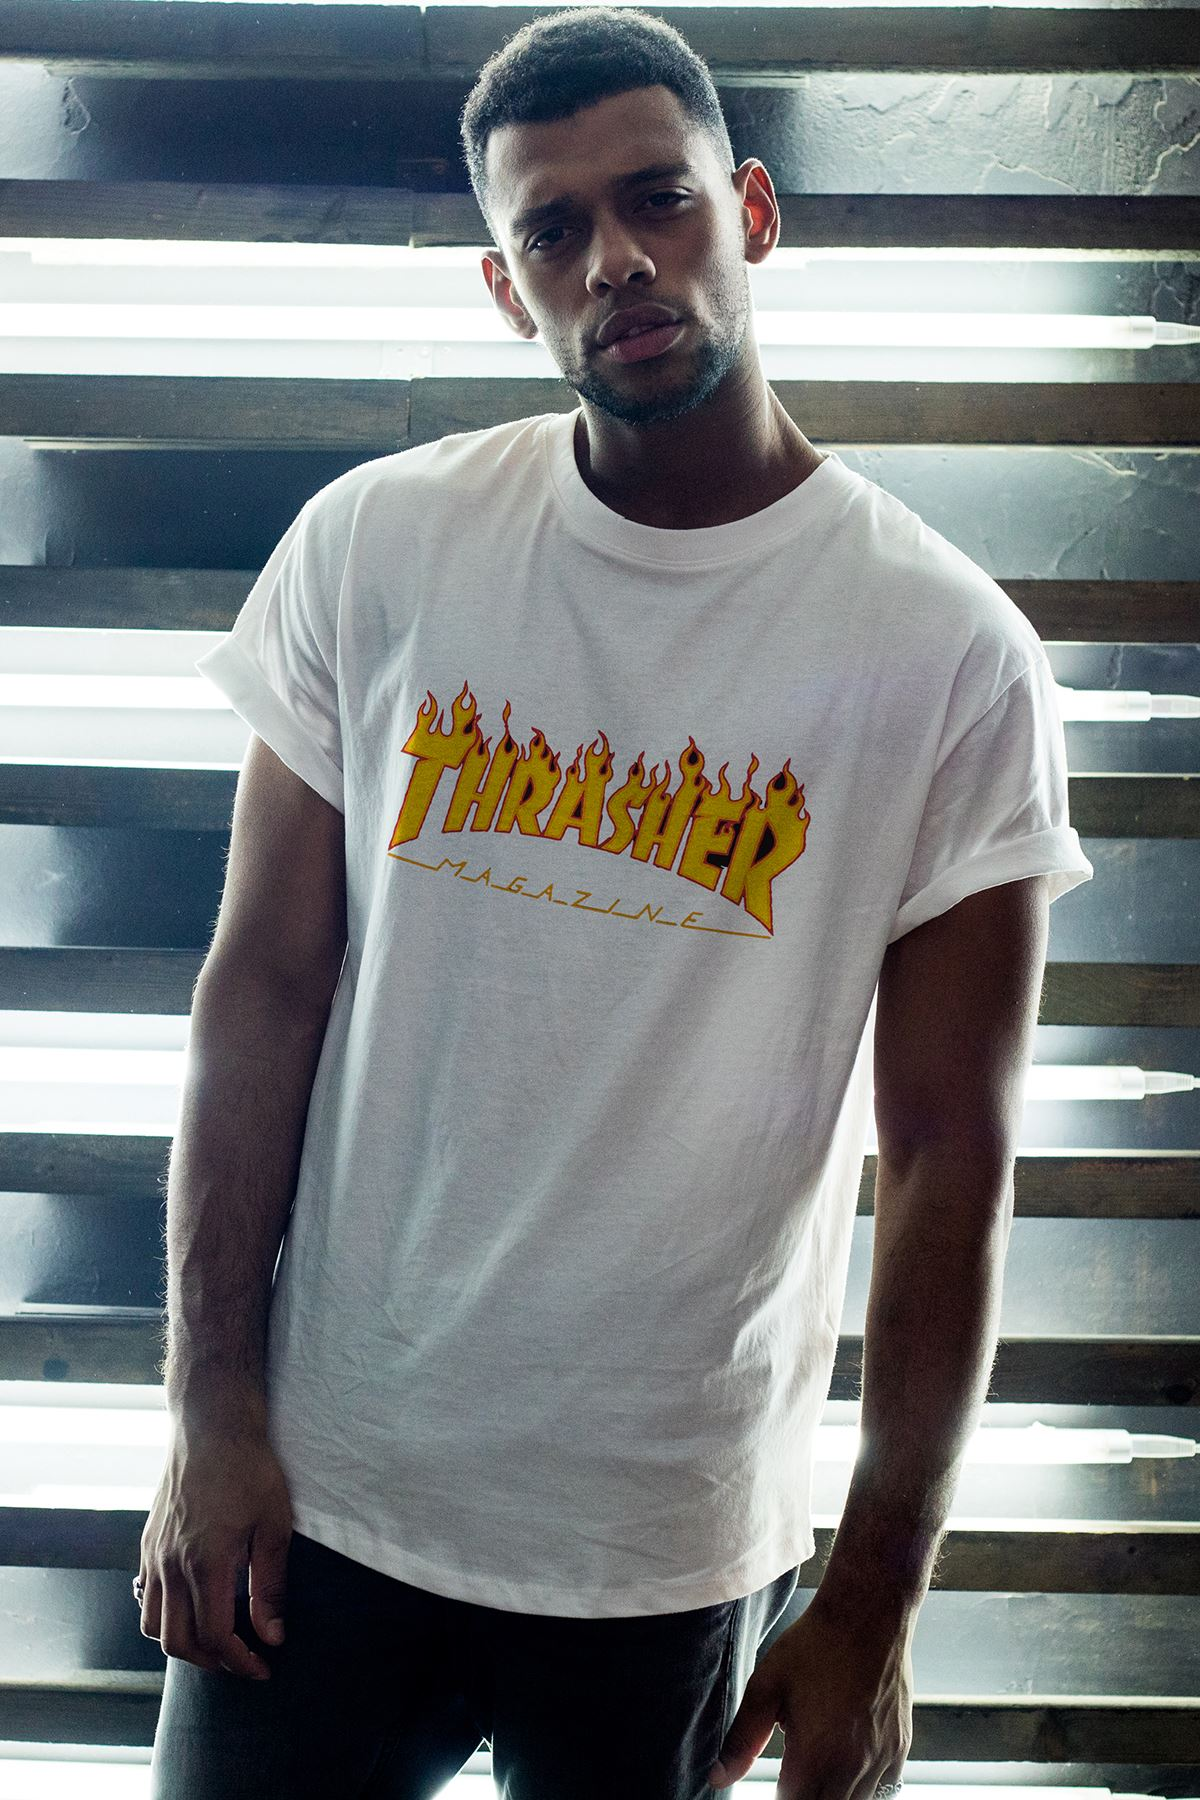 Thrasher 163 Beyaz Erkek Oversize Tshirt - Tişört